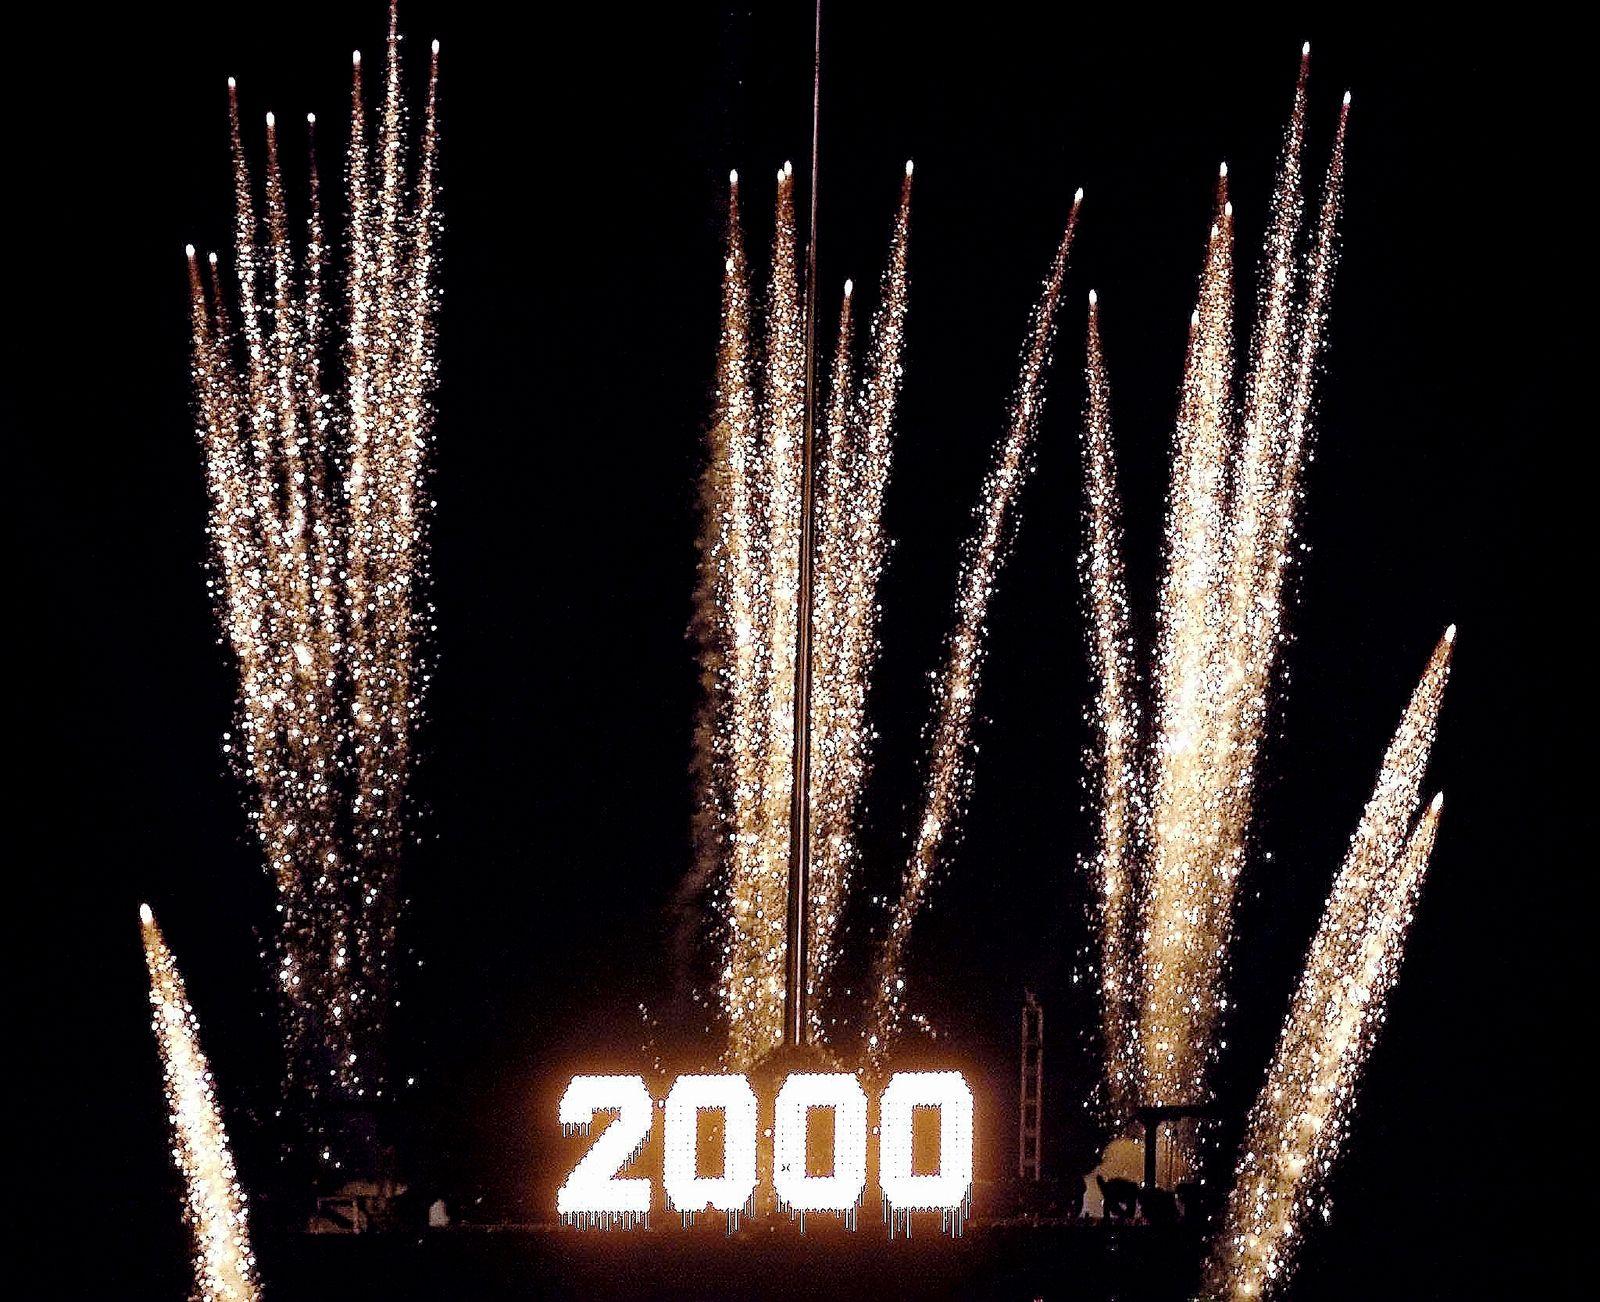 Jahrtausendwechsel / Millennium / New York / 2000er Jahre #15